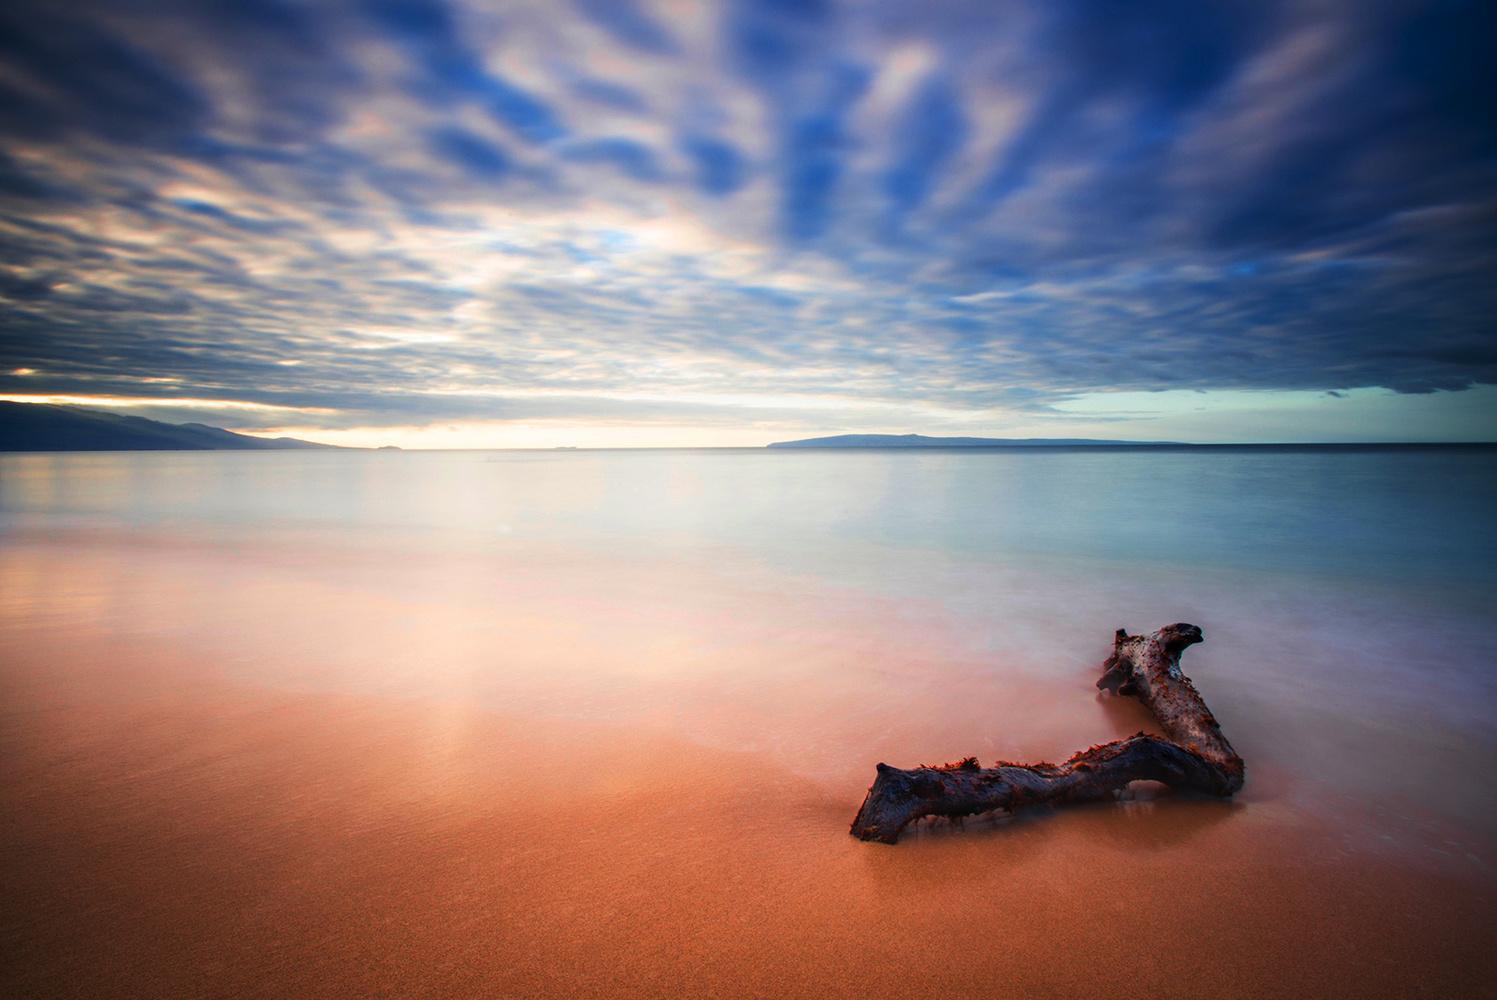 Driftwood by David Wilder